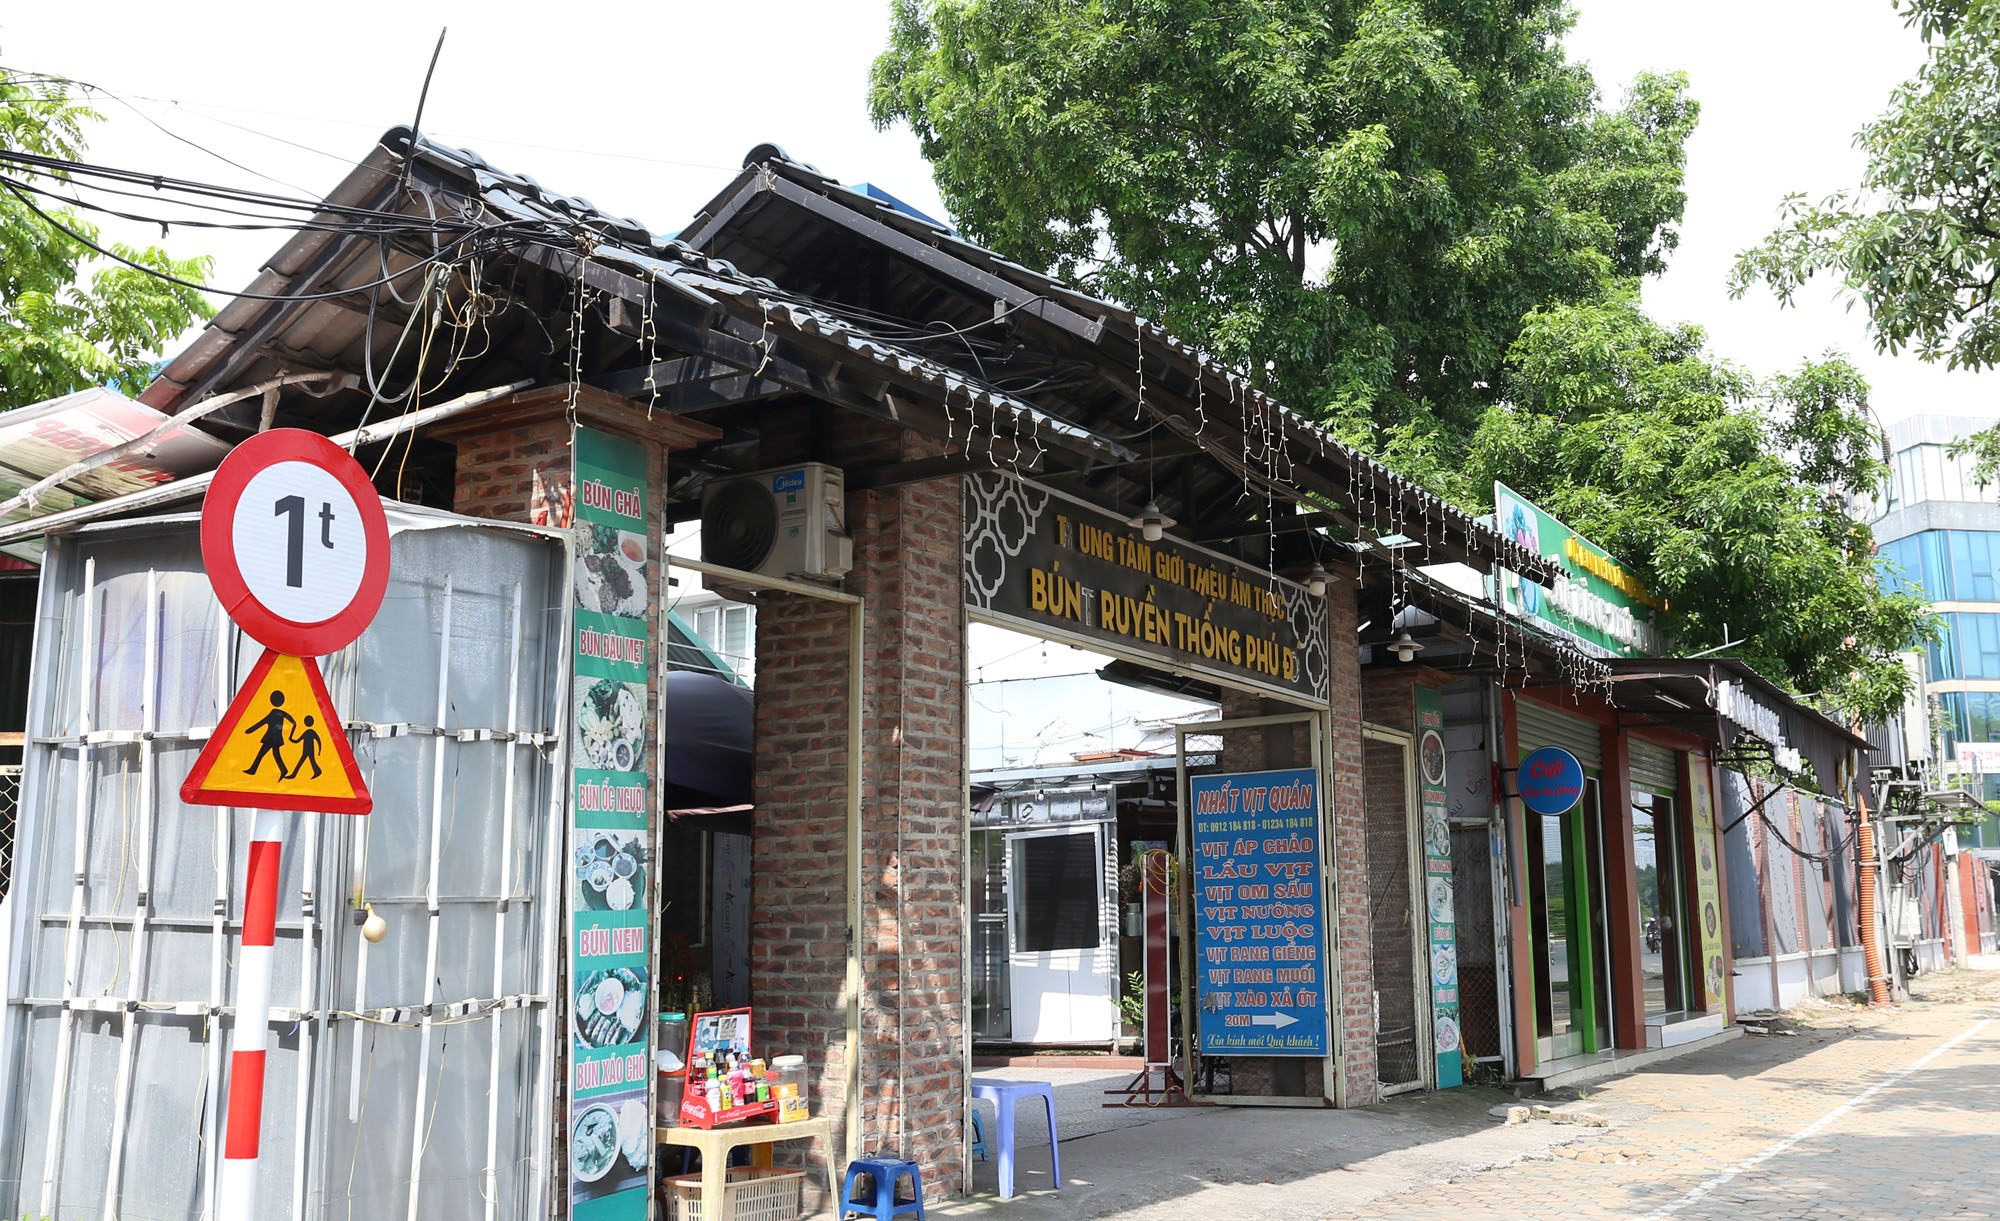 Những mảnh đất chưa sử dụng theo qui hoạch ở vùng qui hoạch đẹp Keangnam - Ảnh 3.